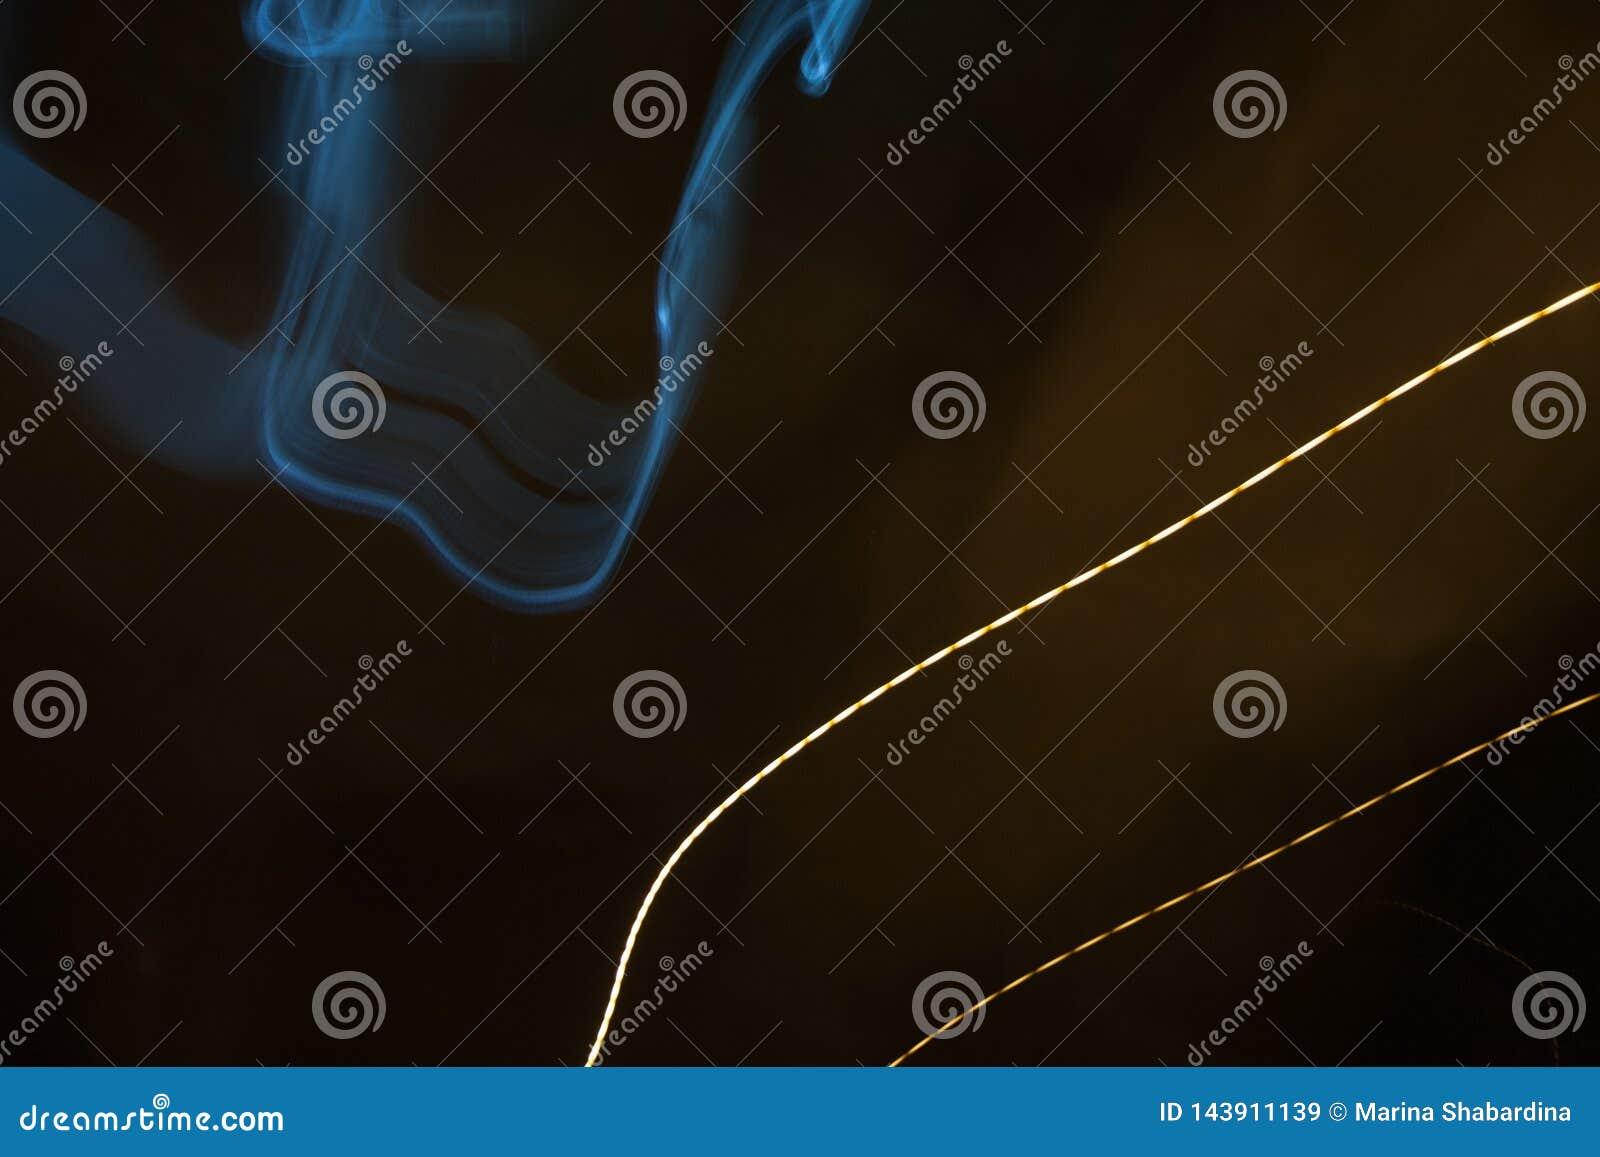 Dessin abstrait avec de la fumée et la ligne tirée